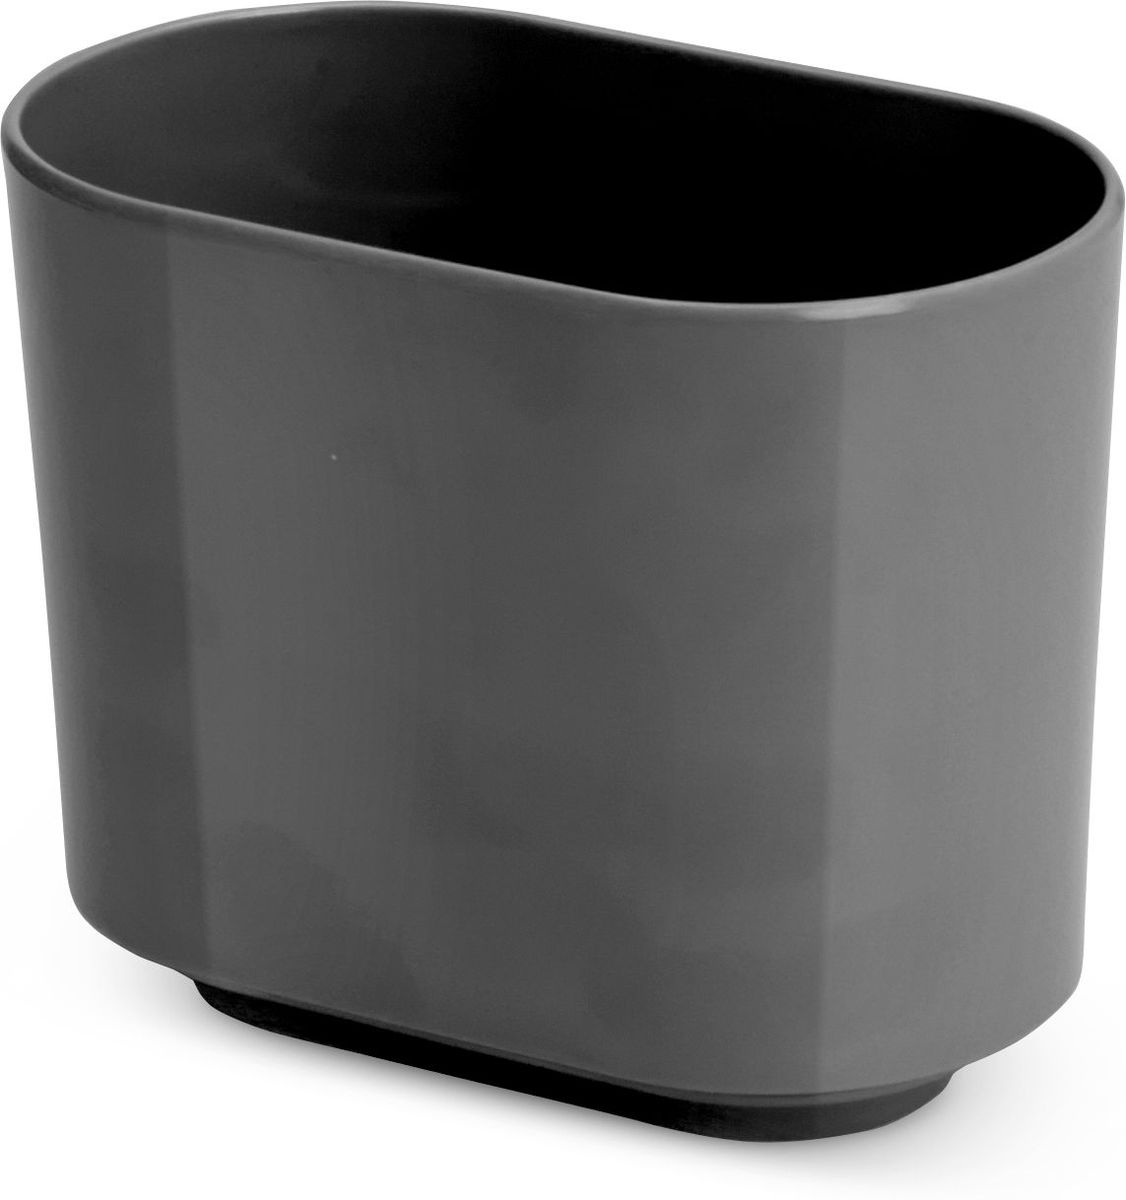 Стакан для зубных щеток Umbra Step, цвет: темно-серый, 7,5 х 10 х 12,5 см25051 7_зеленыйStep – коллекция минималистичных и функциональных предметов, изготовленных из меламина. Вместительная подставка послужит для хранения зубных щеток всех членов семьи.Дизайн: Tom Chung